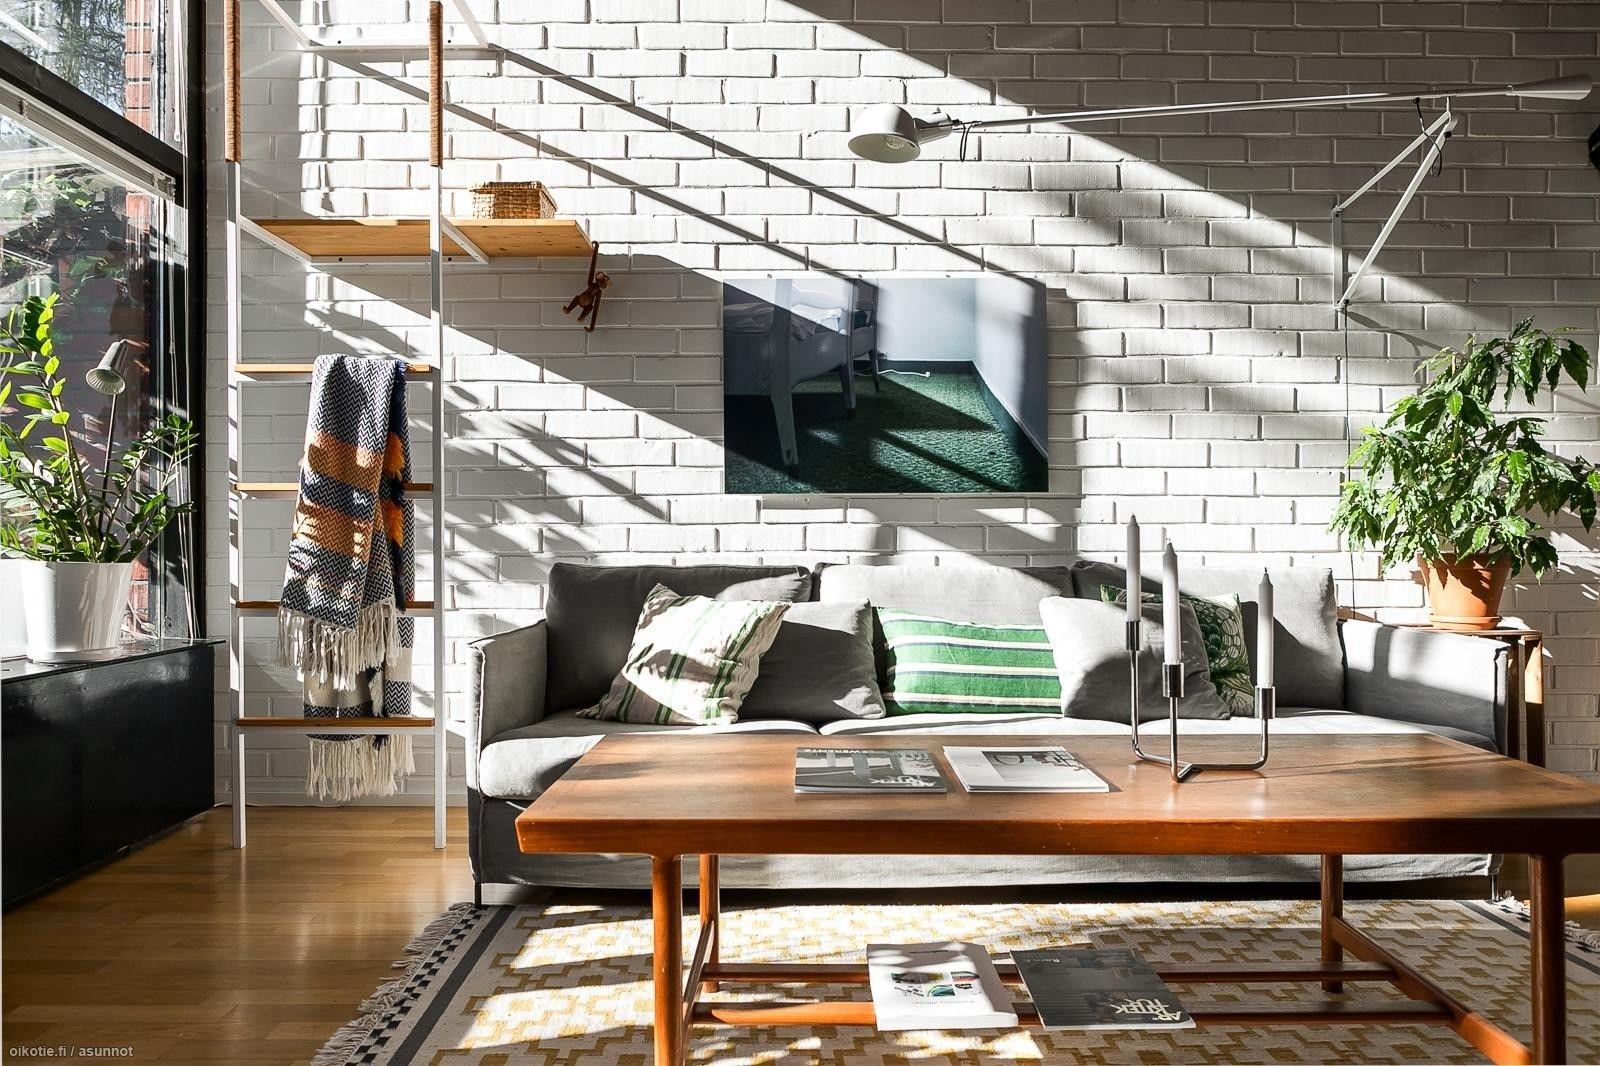 Ihastuttava perhekoti, Espoon Haukilahdessa. Tämä koti edustaa 70-luvun arkkitehtuuria parhaimmillaan. Upeat aikakautensa yksityiskohdat yhdistettynä nykymukavuuksiin, tekevät tästä kodista mitä täyde